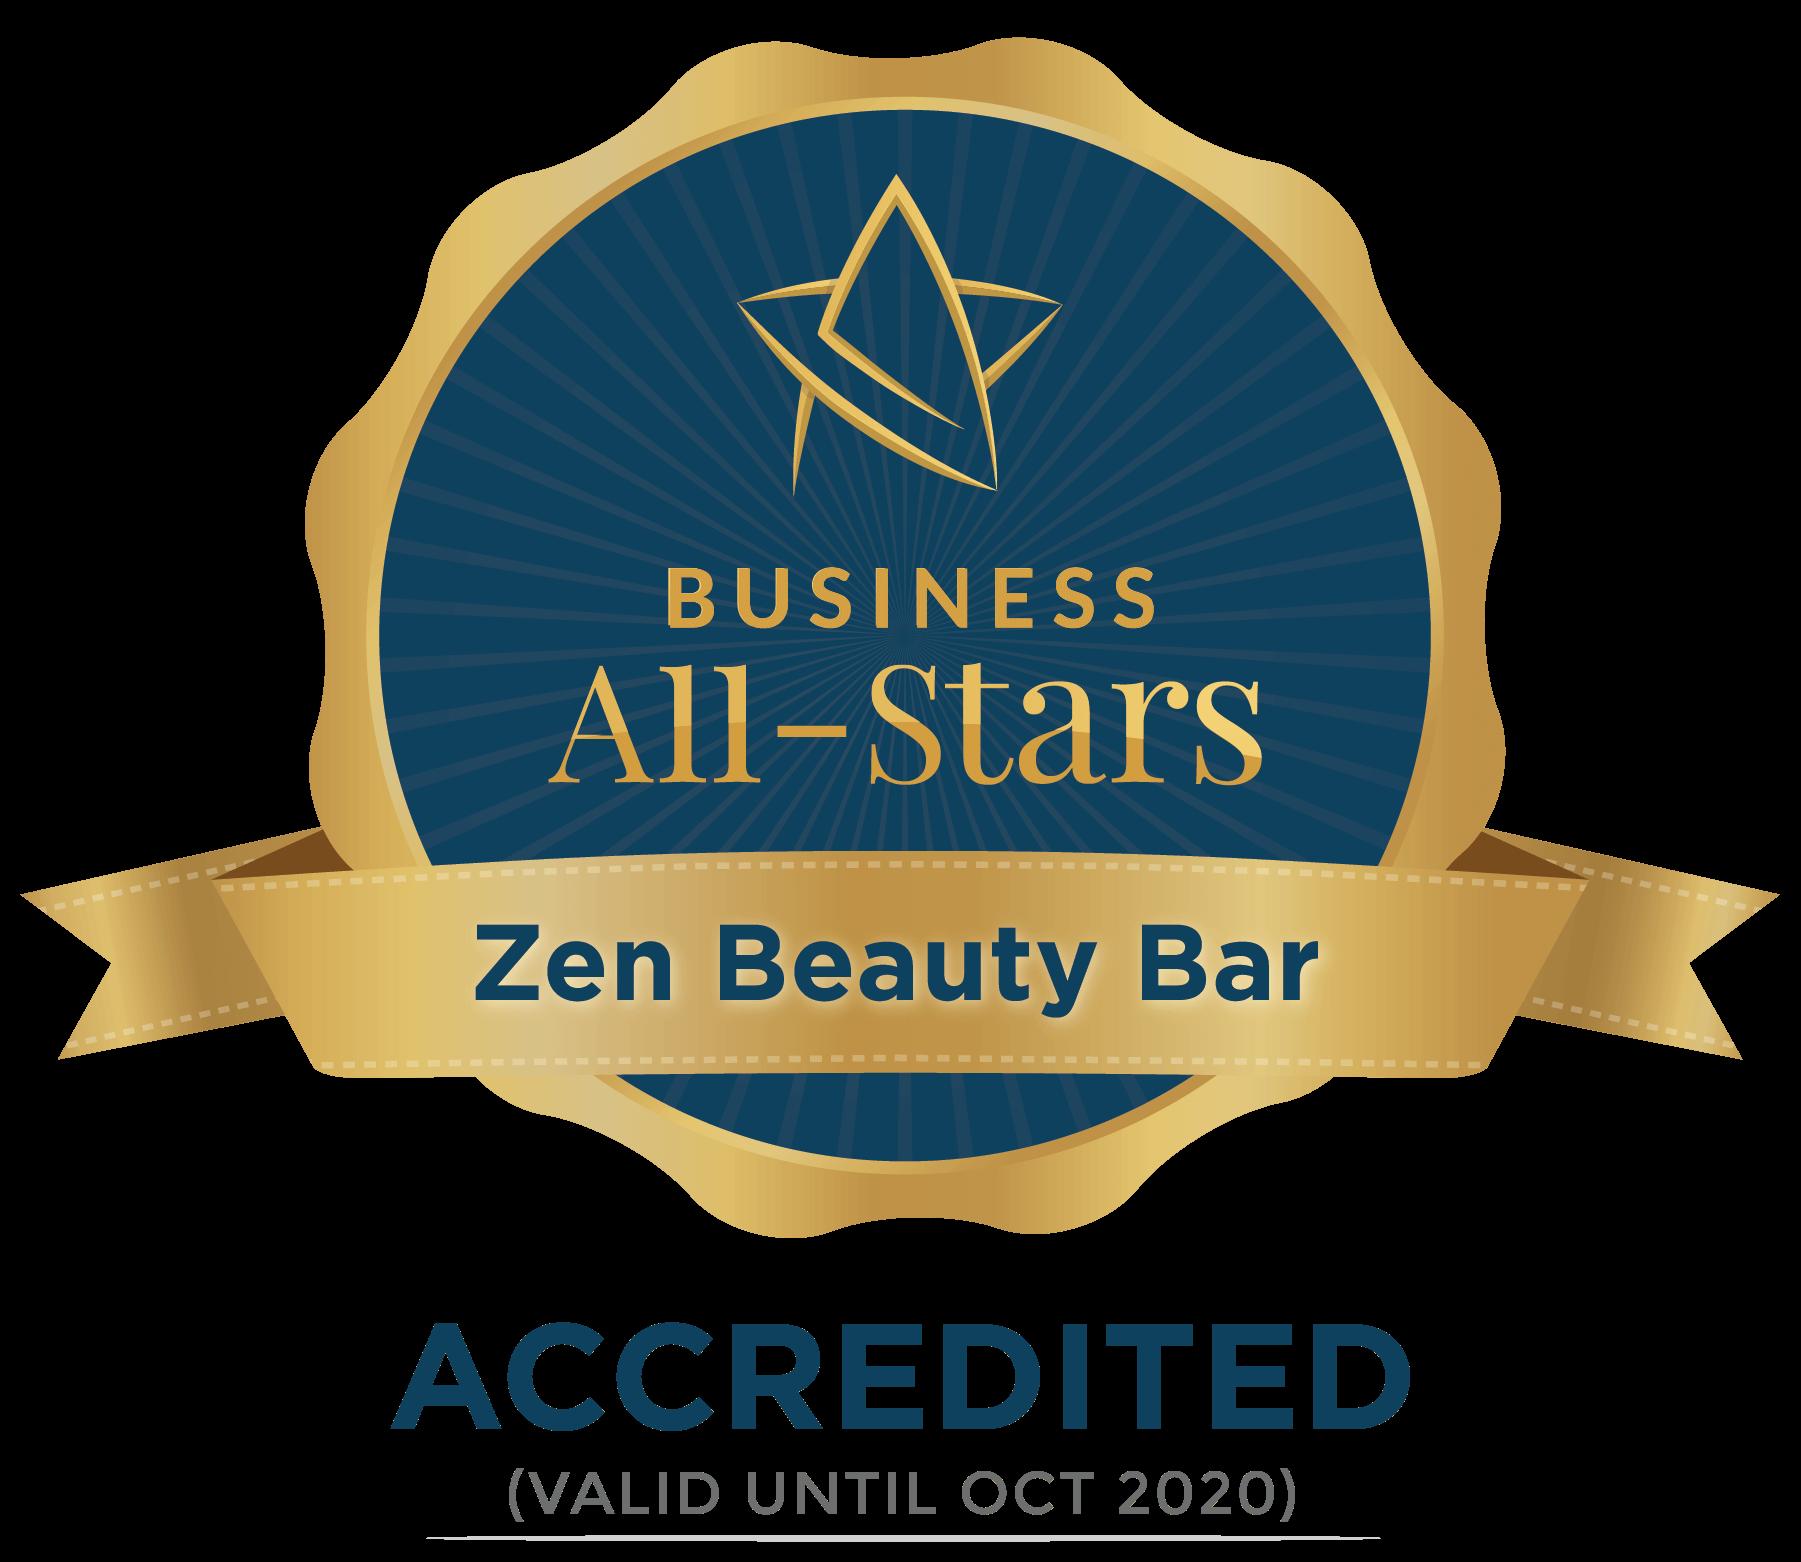 Zen Beauty Bar - Business All-Stars Accreditation